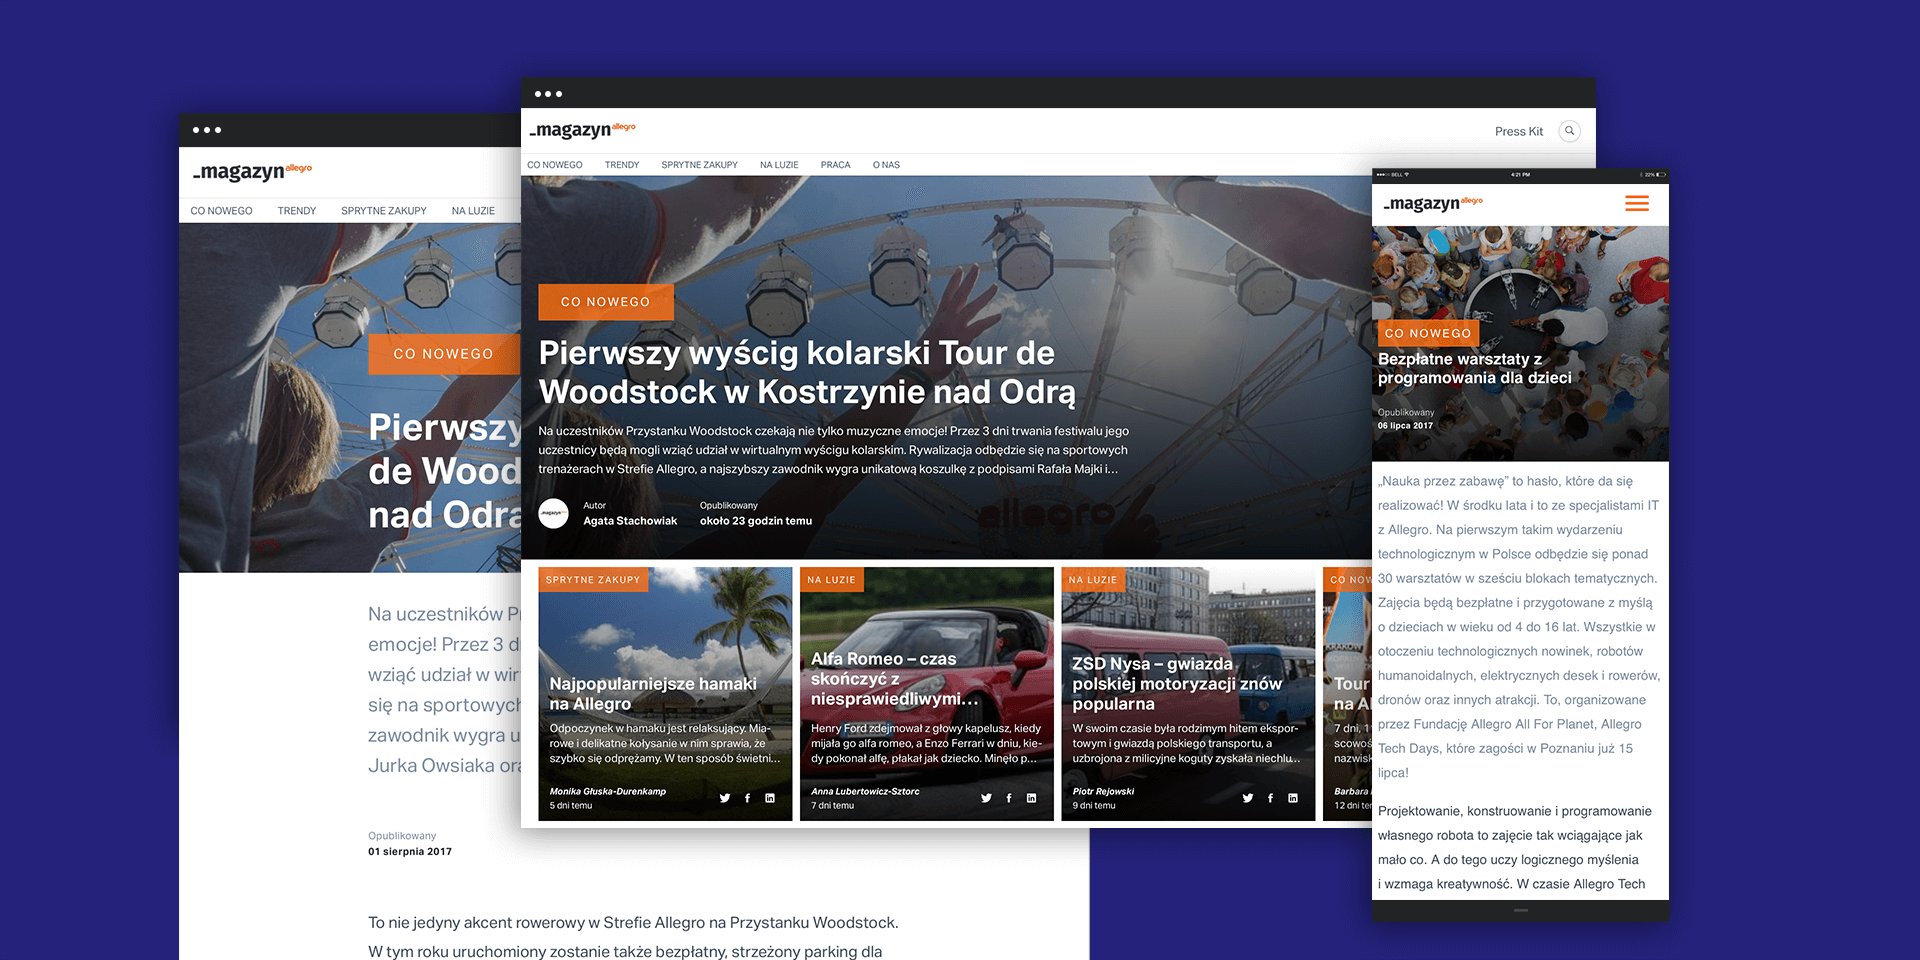 Jak Allegro zaadaptowało brand journalism do swojej strategii PR z wykorzystaniem Prowly